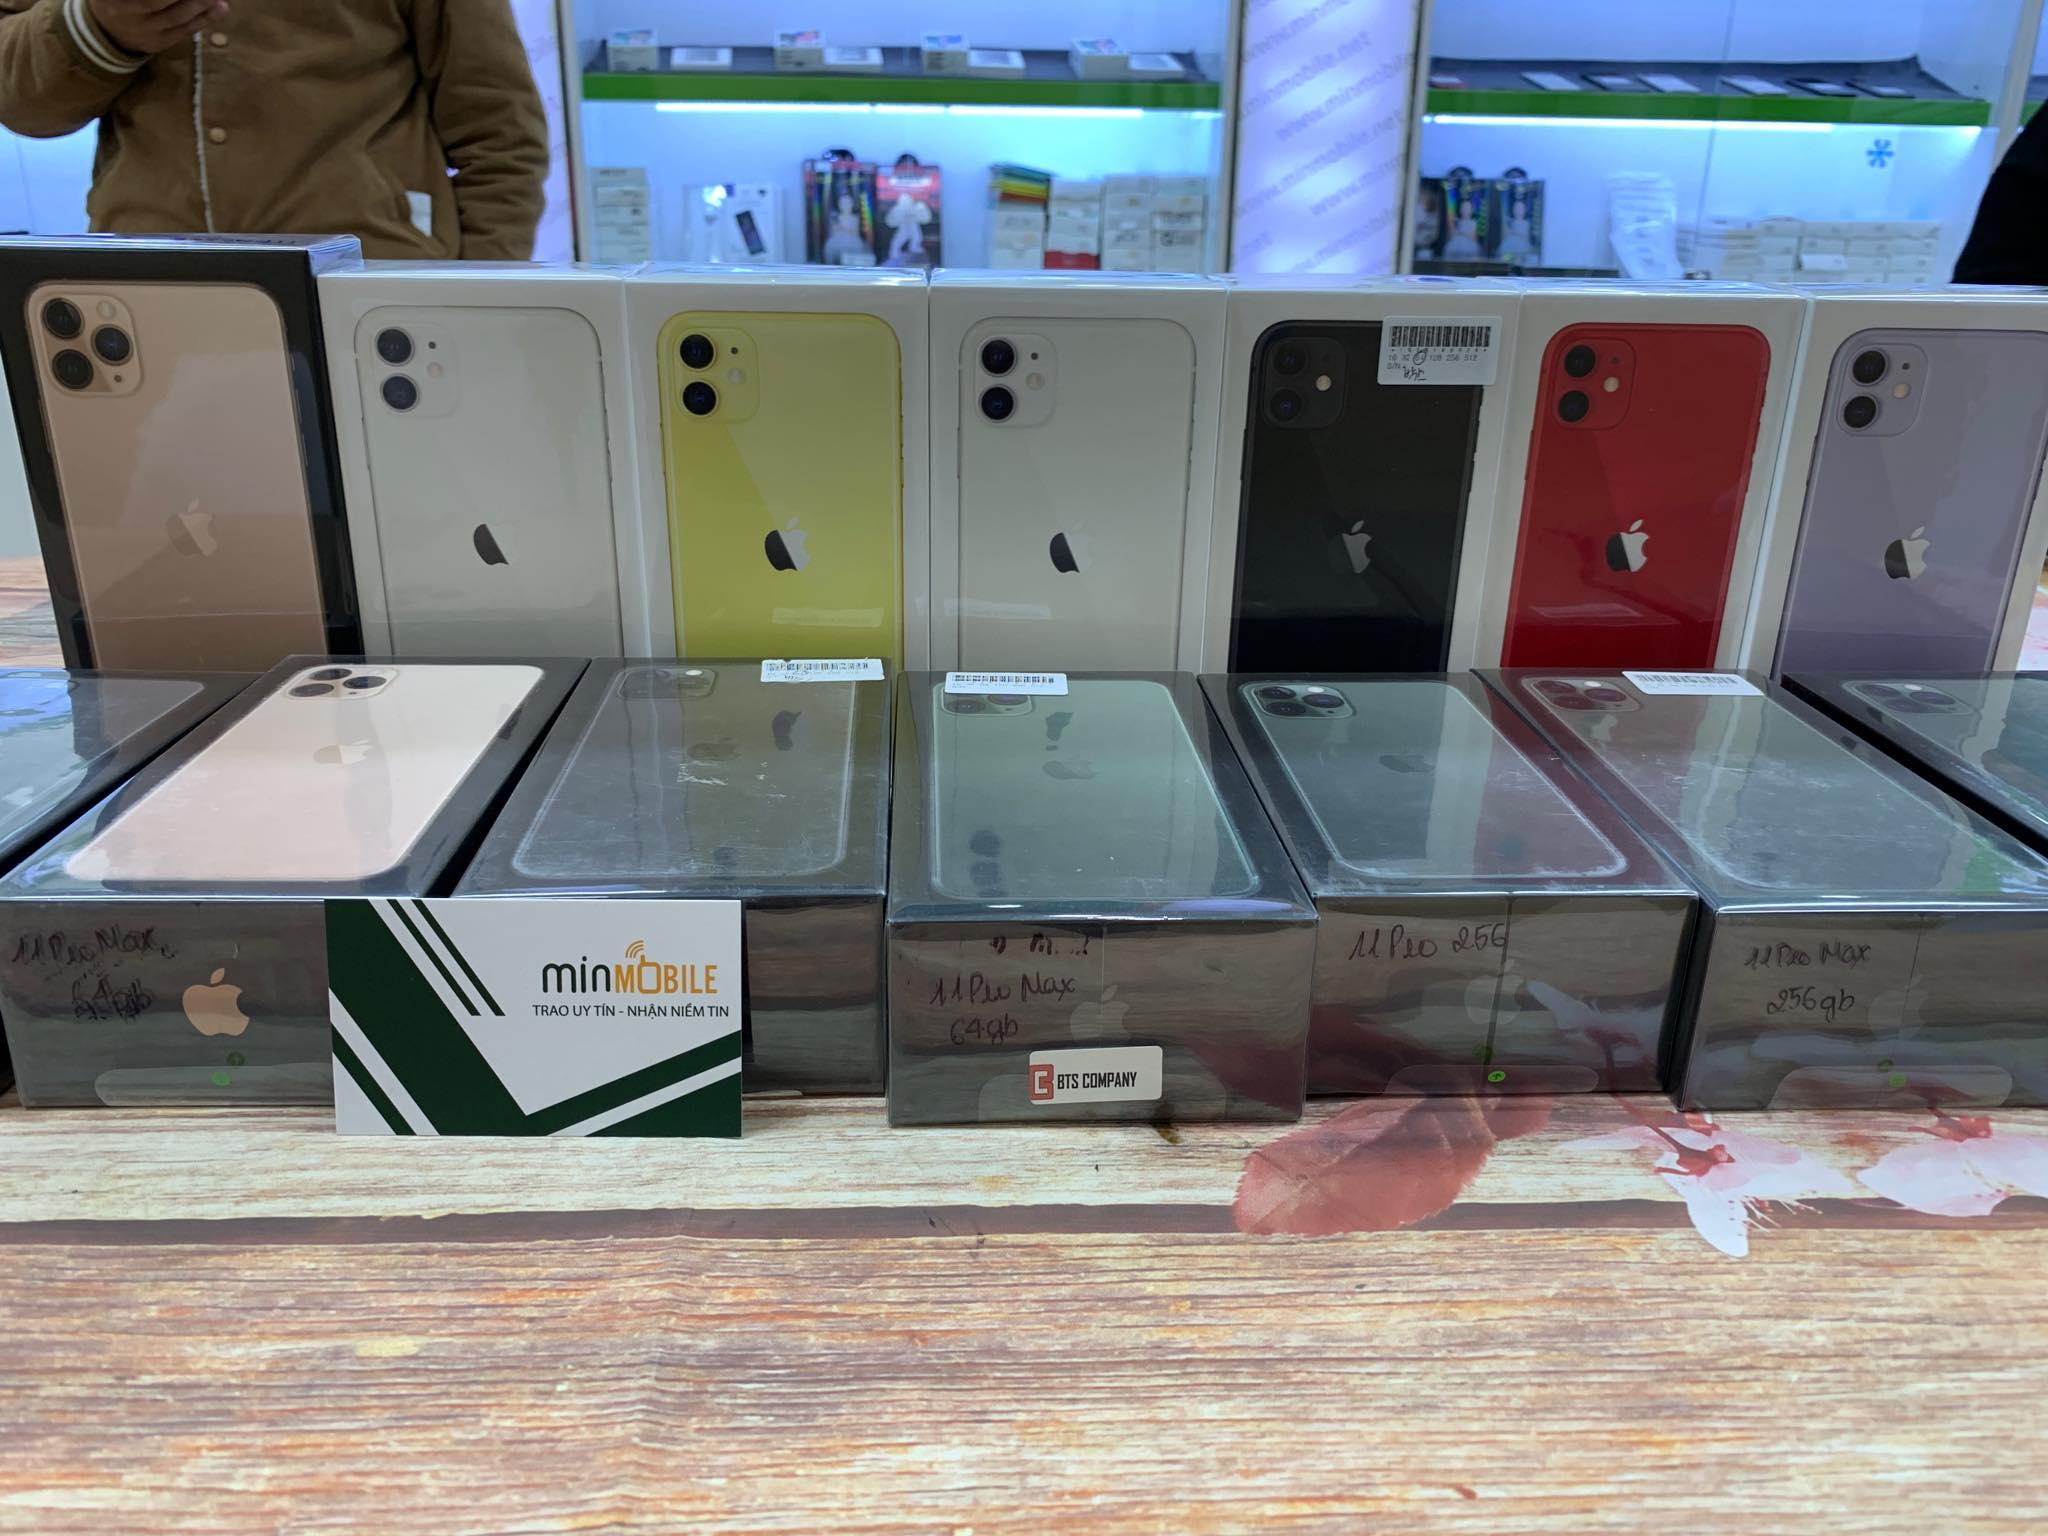 1 IPhone 11 mới tinh đập hộp nguyên seal box : Bảo hành 12 tháng apple 1 đổi 1 tại Minmobile Hải Phòng